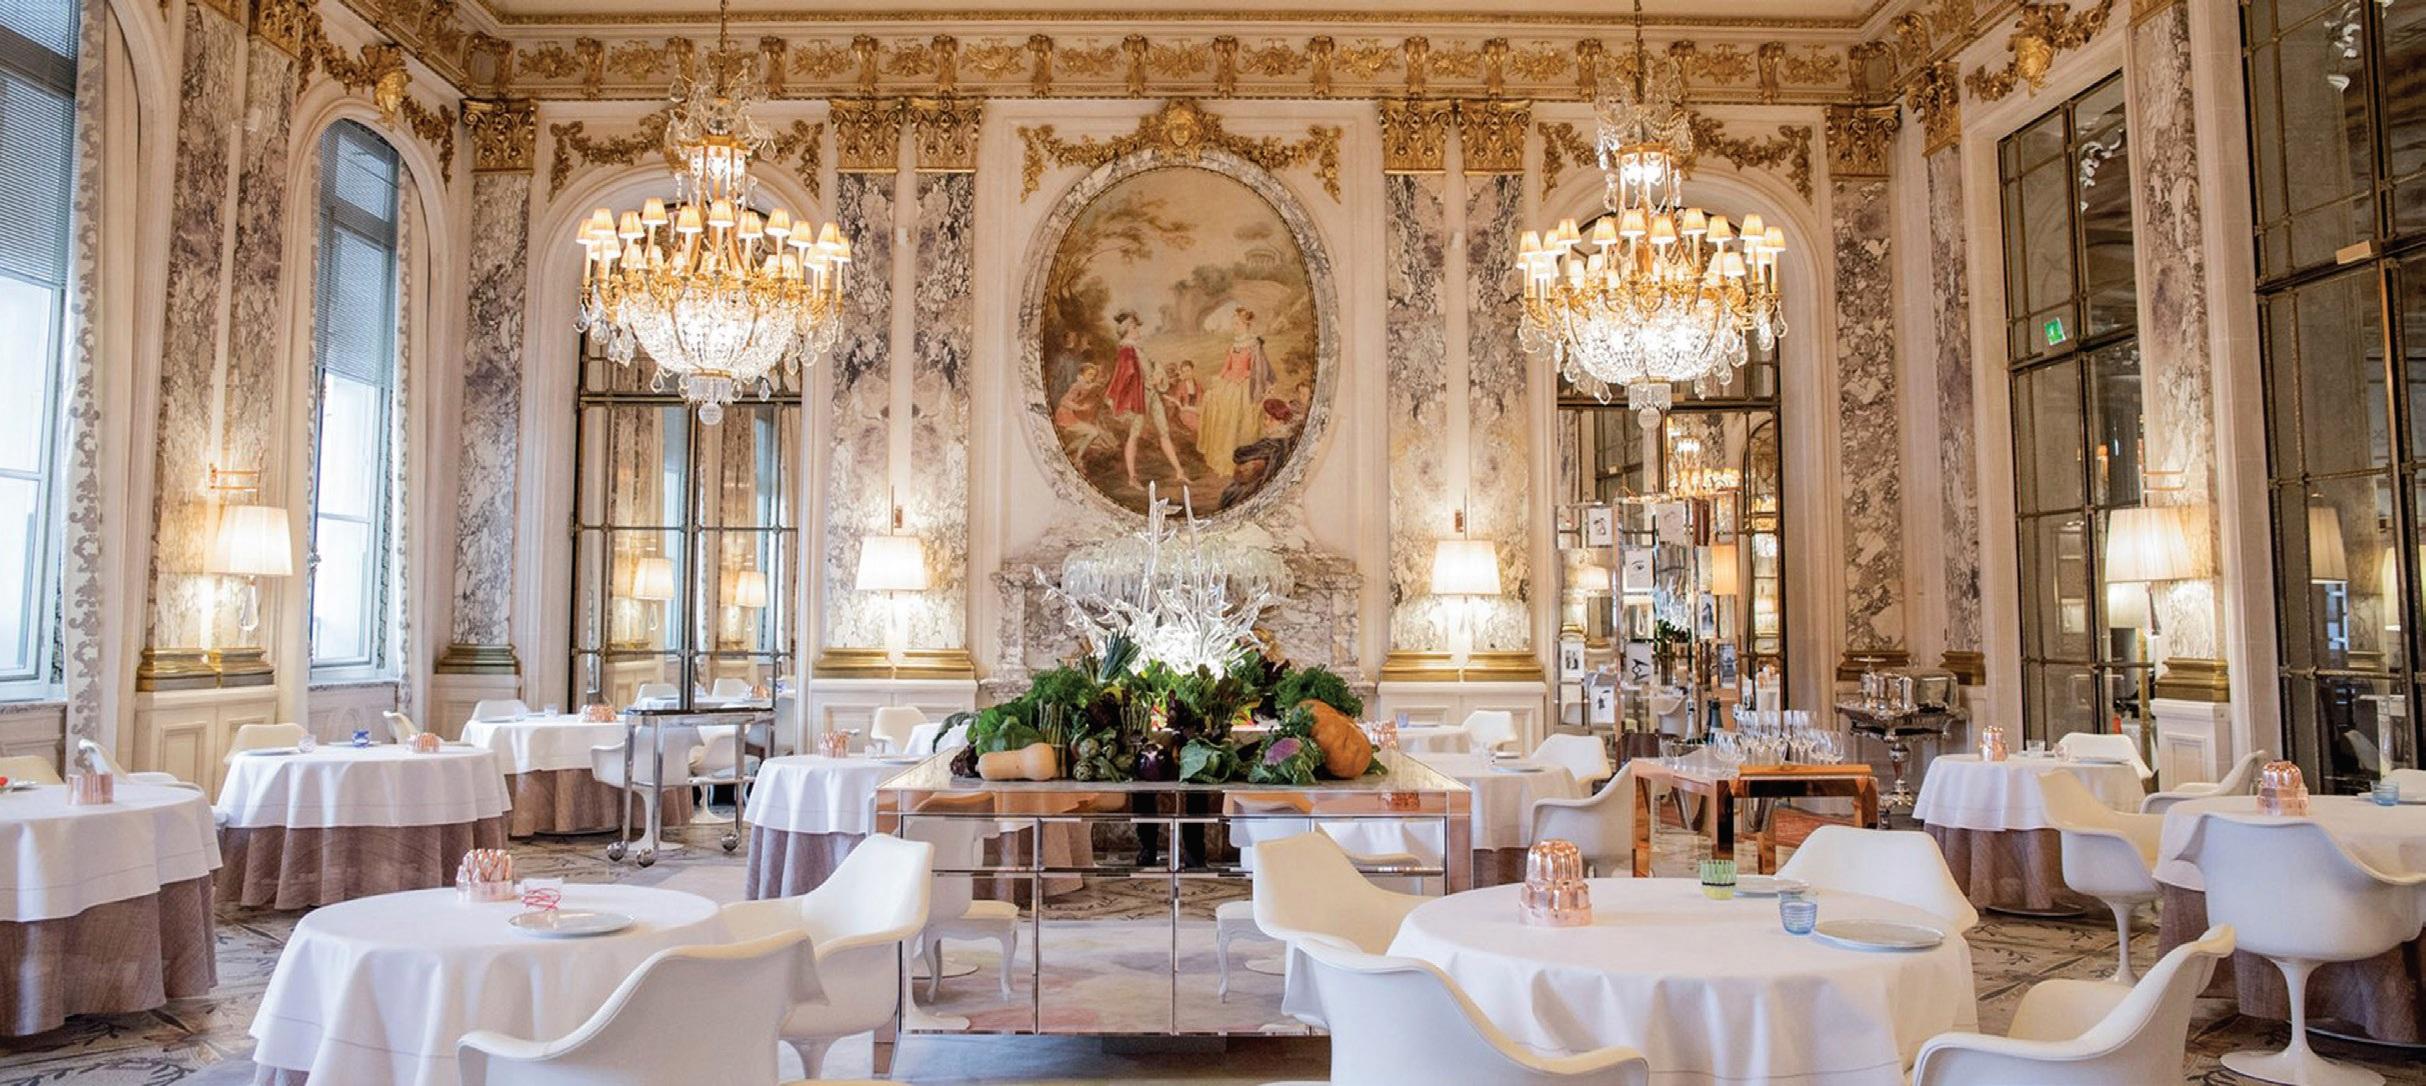 """Viešbučio """"Le Meurice"""" restoranas. Rūmų aplinka ir prabanga įkvepia ir, rodos, nukelia į pasaką"""